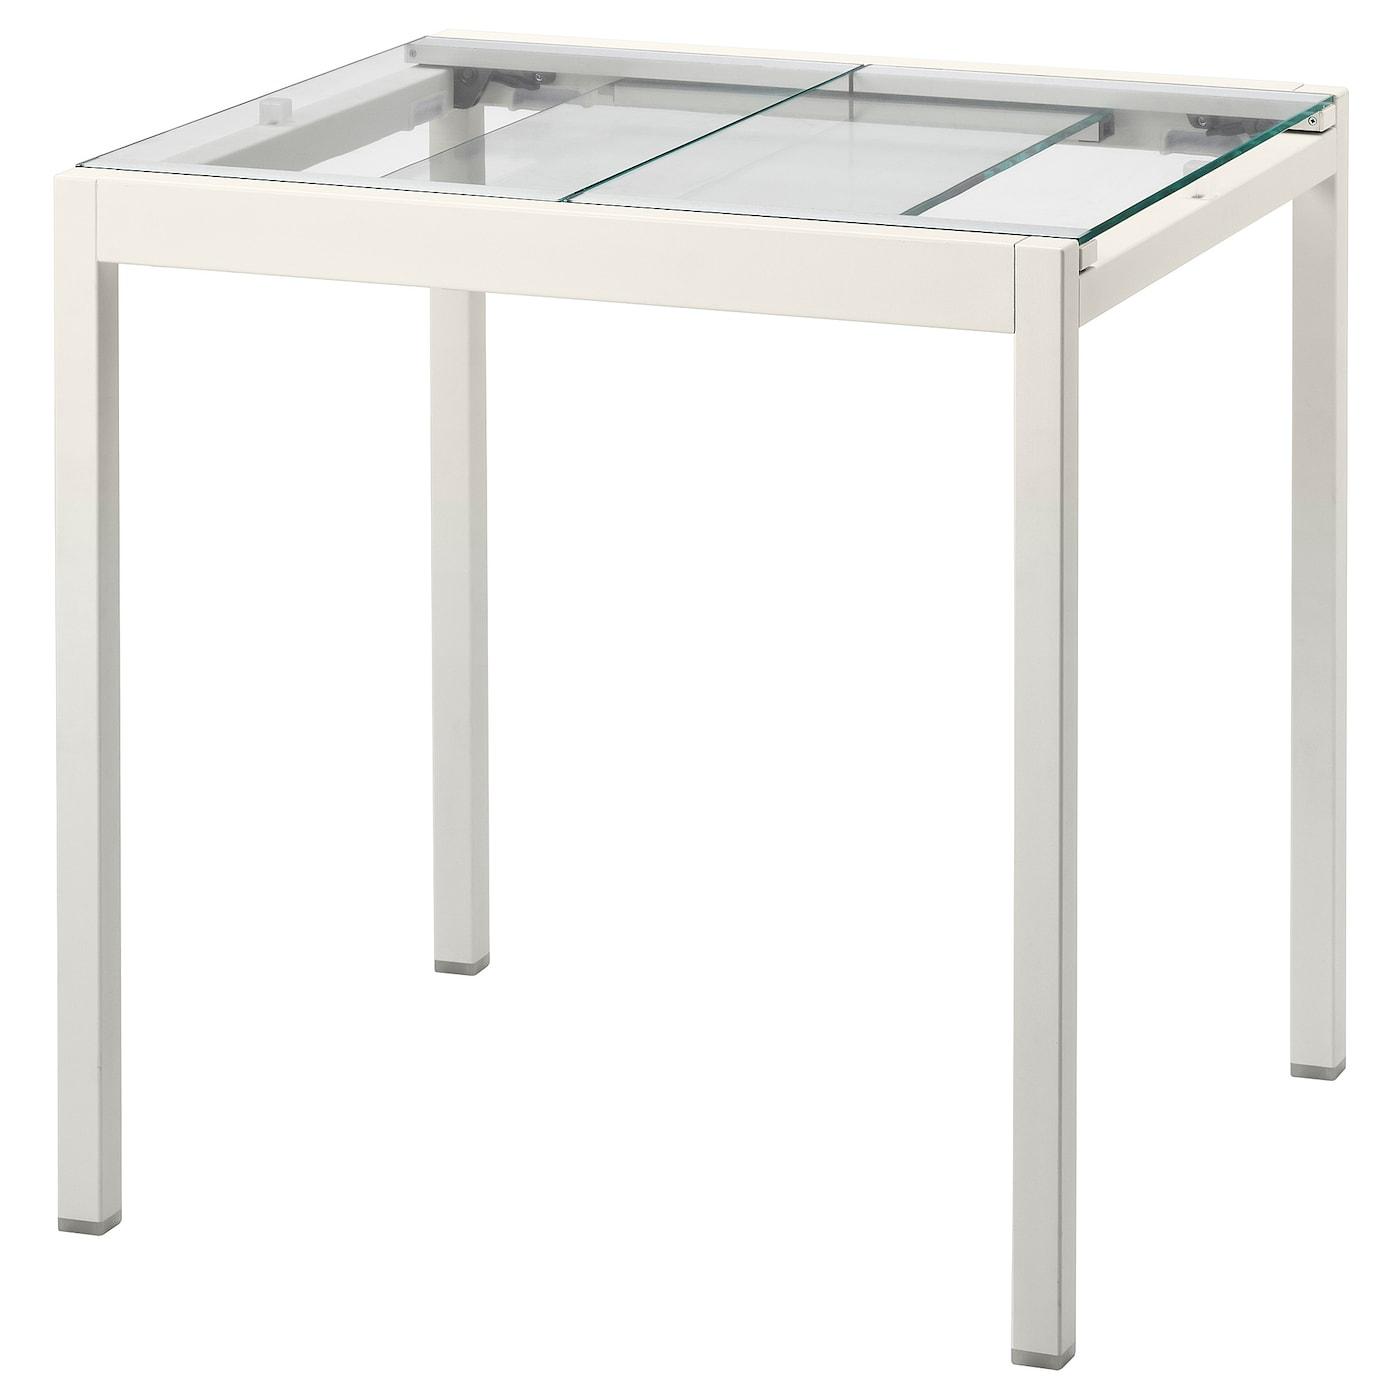 IKEA GLIVARP Stół rozkładany, przezroczysty, biały, 75/115x70 cm